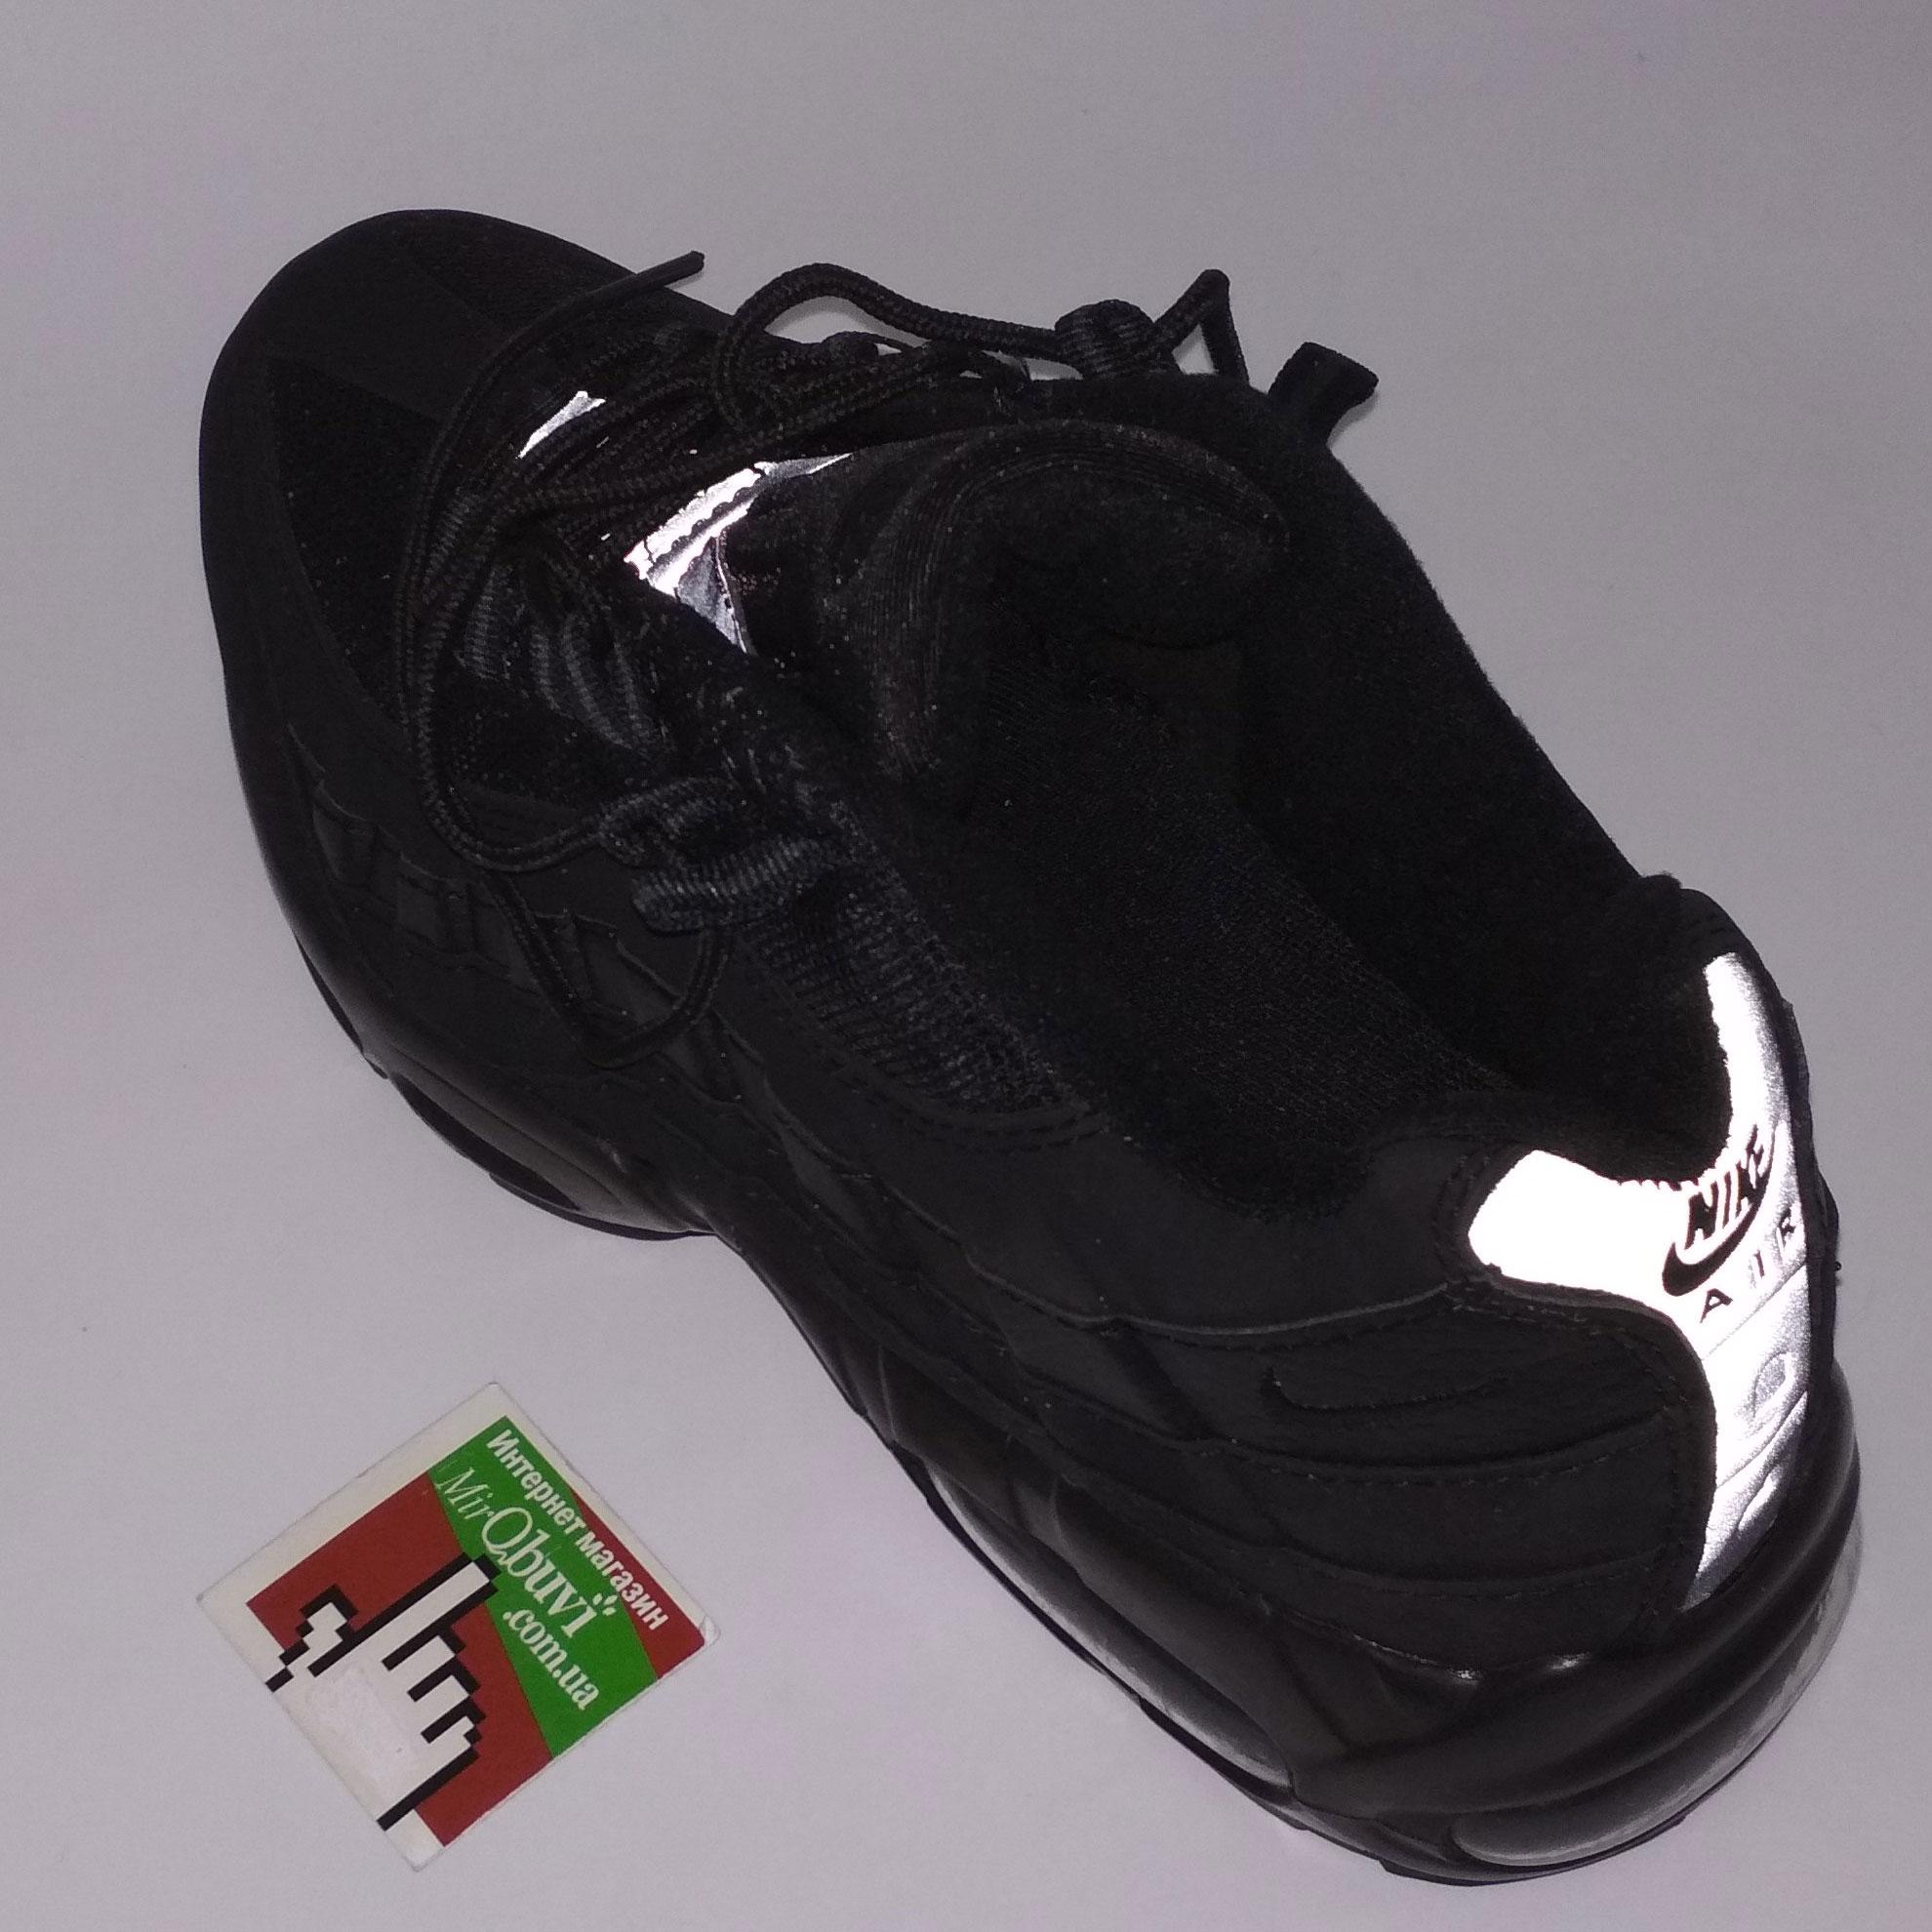 большое фото №6 Мужские кроссовки Nike air max 95 черные. ТОП КАЧЕСТВО!!!